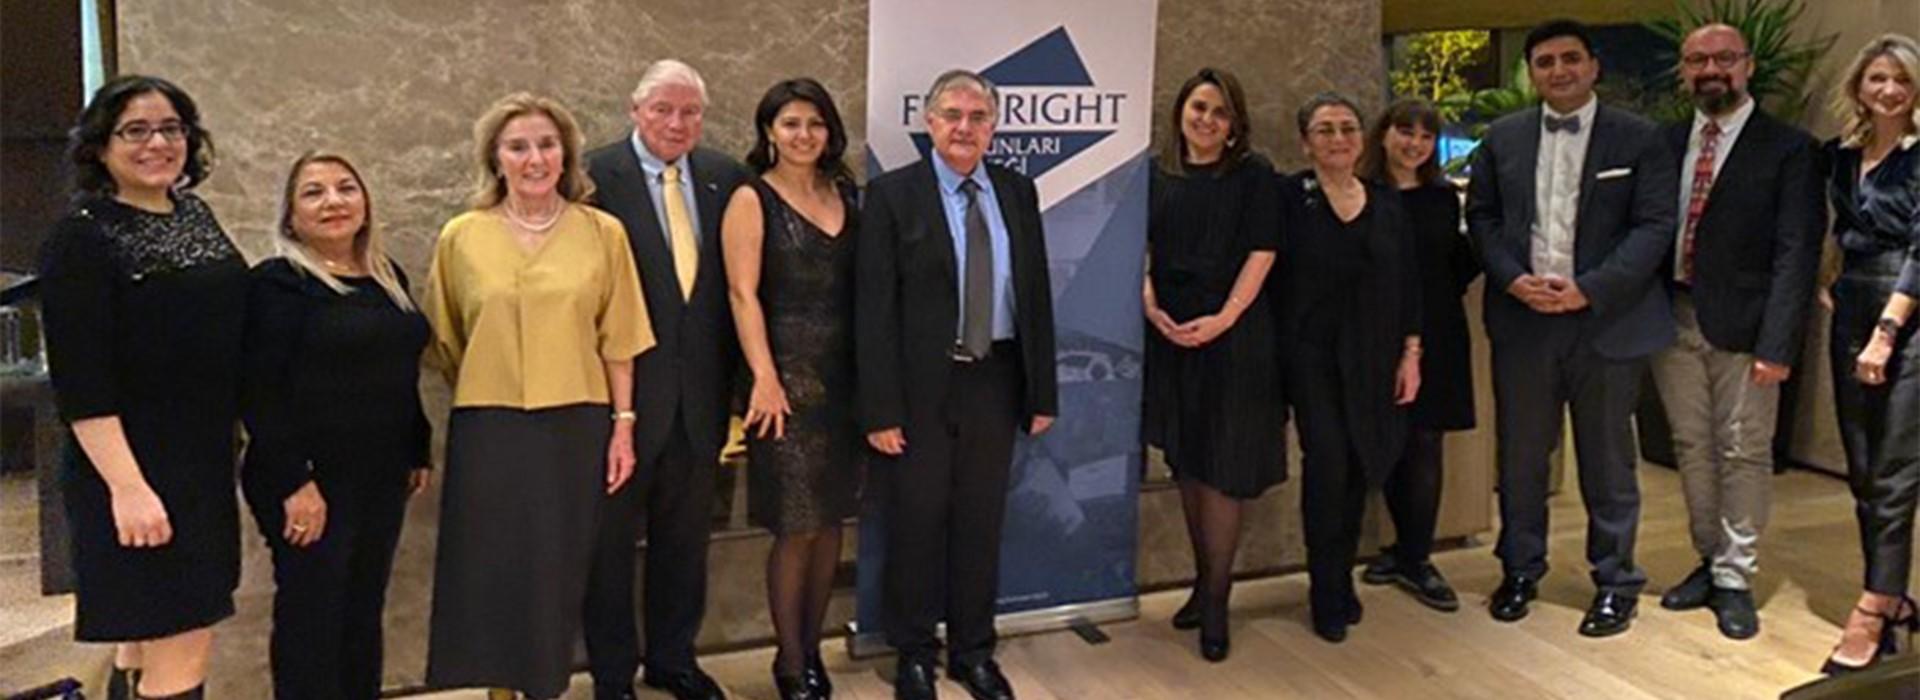 Fulbright Mezunları Derneği Danışma Kurulu Toplantısı